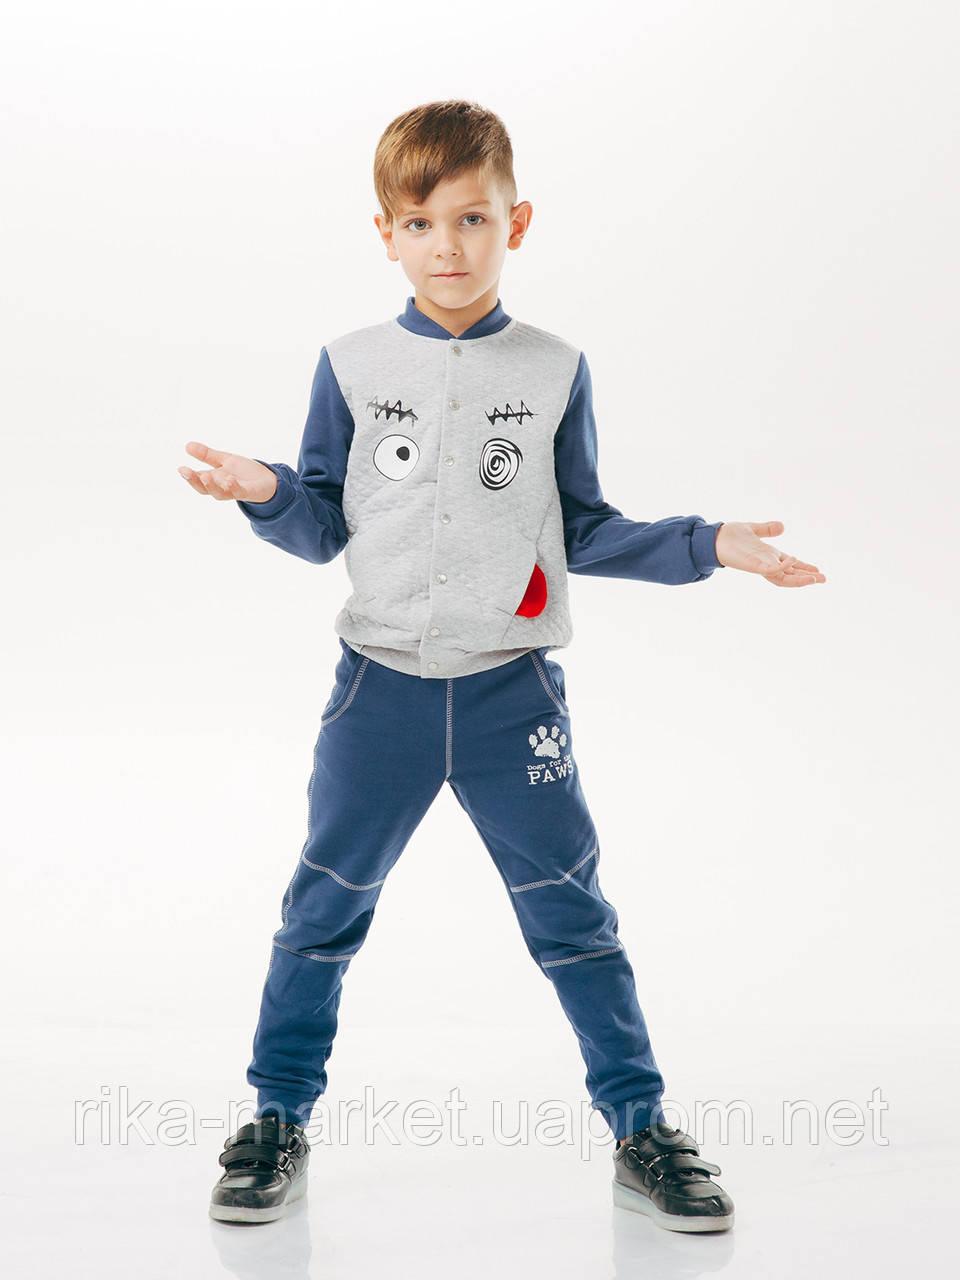 Брюки для мальчика, арт. 115335, возраст от 2 до 6 лет